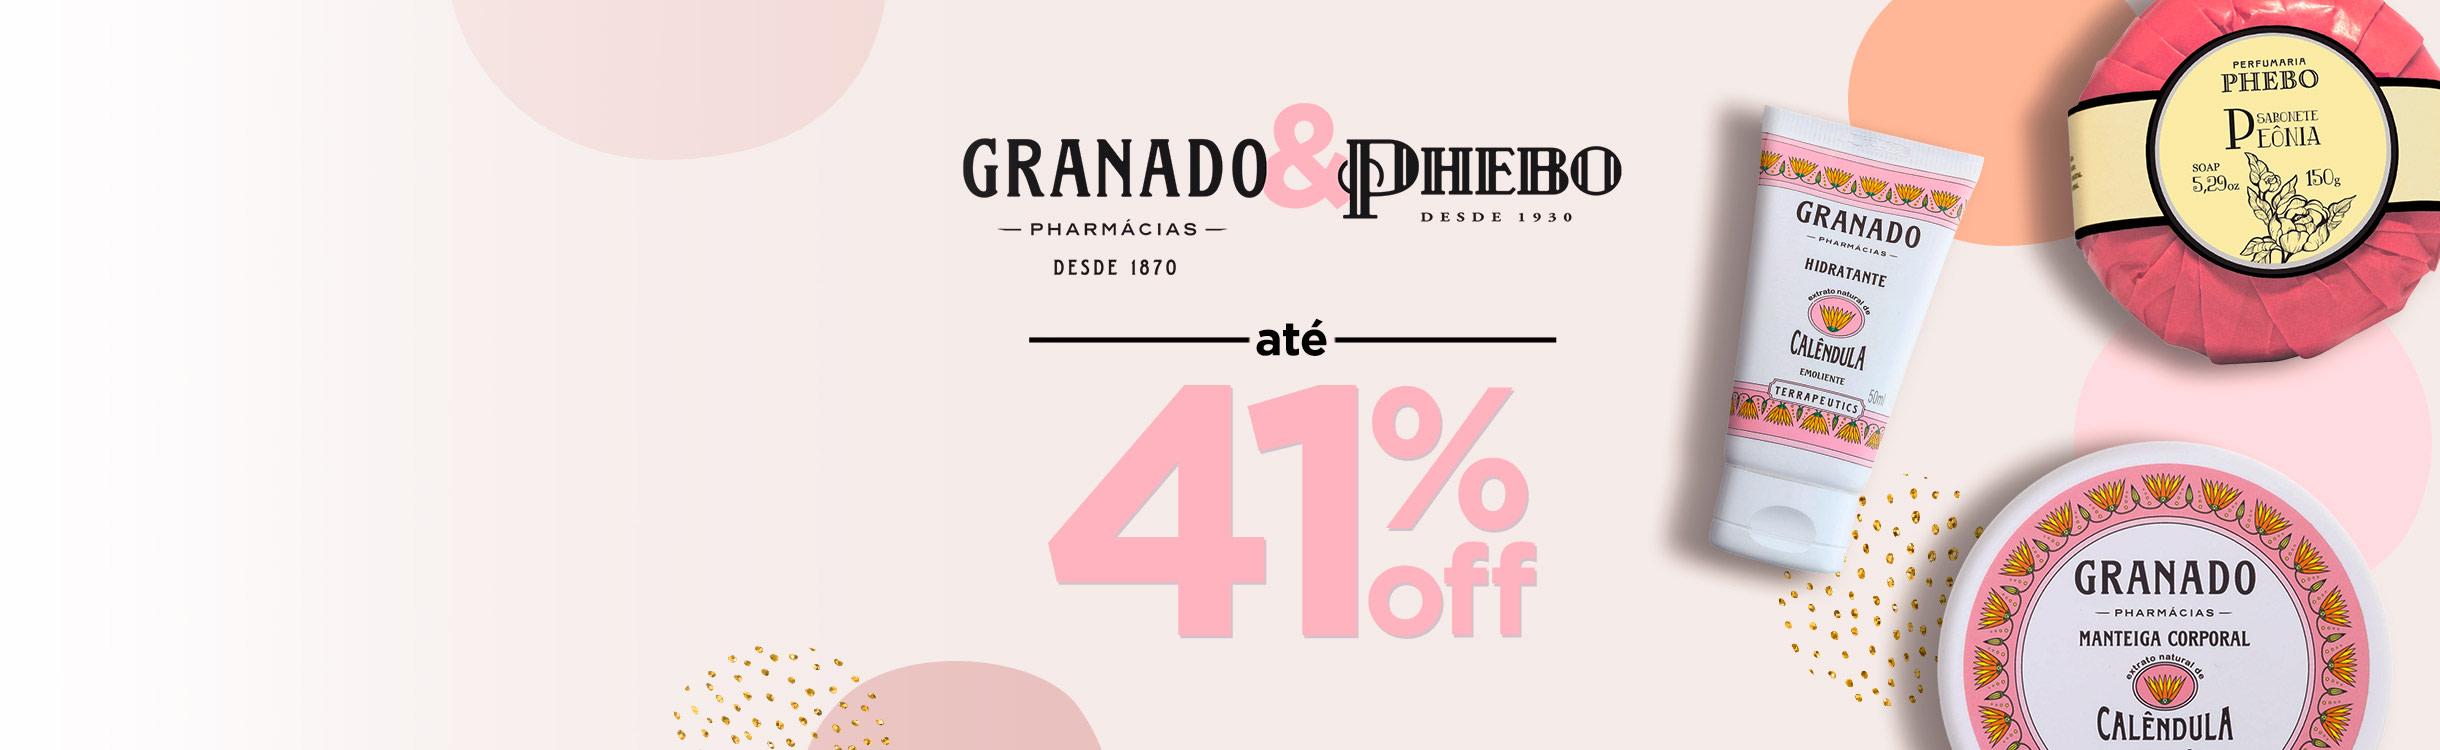 Granado & Phebo até 41% OFF